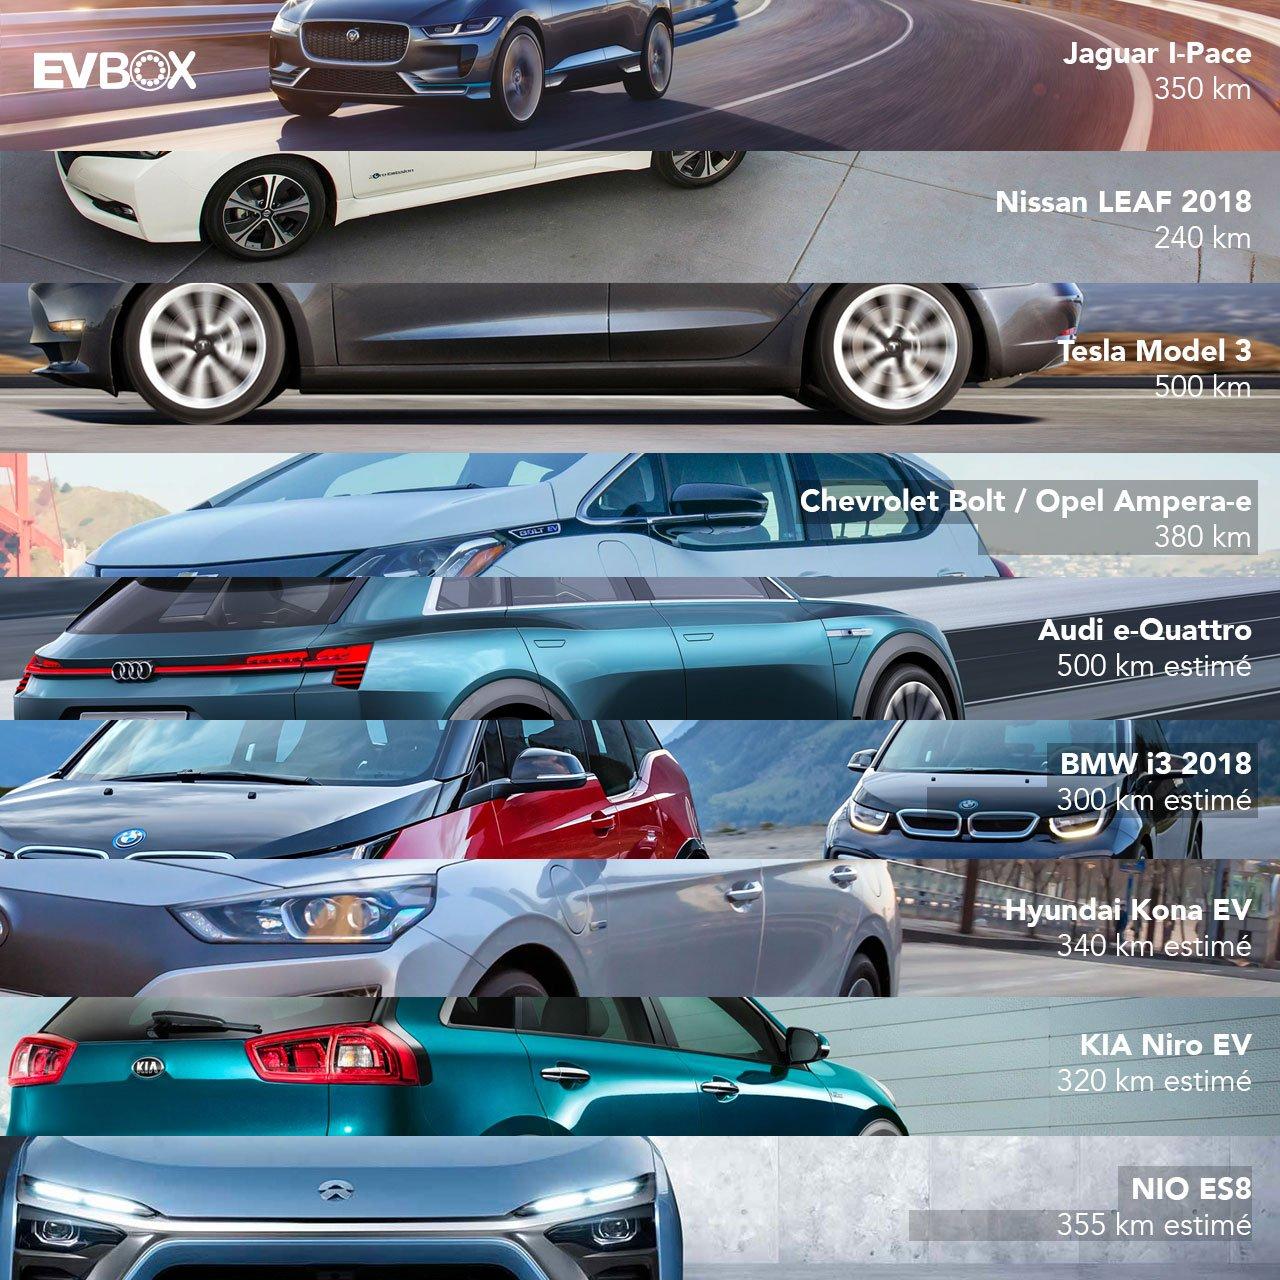 voitures électriques 2018 evbox